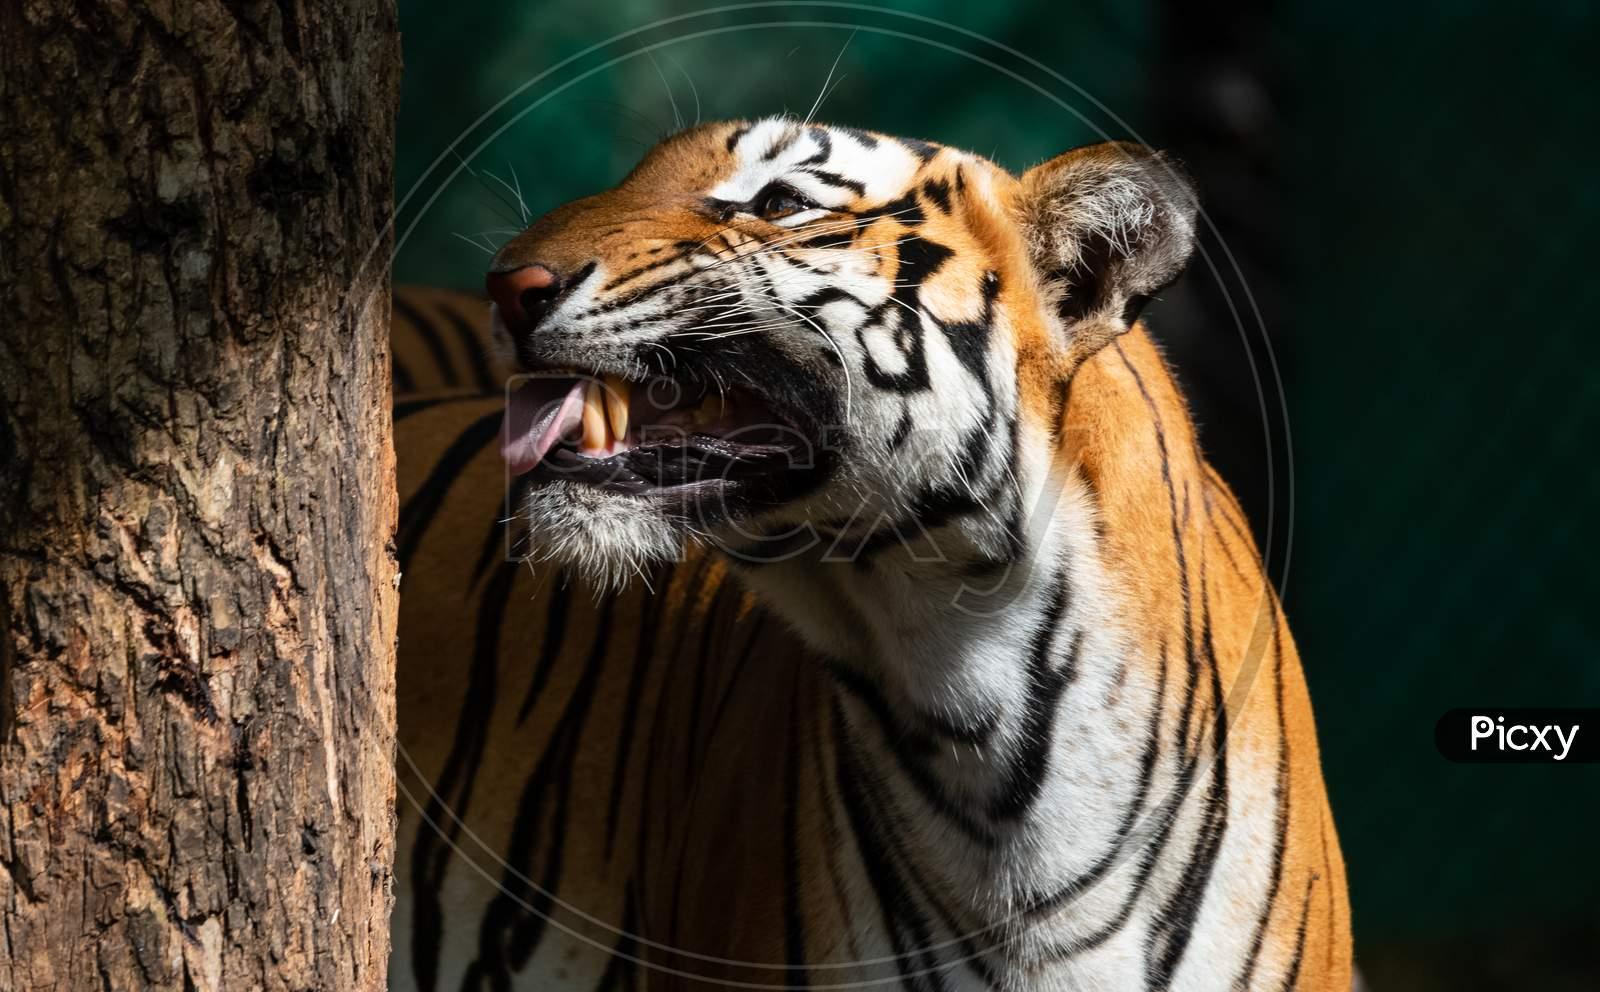 Royal Bengal Tiger in Natural habitat